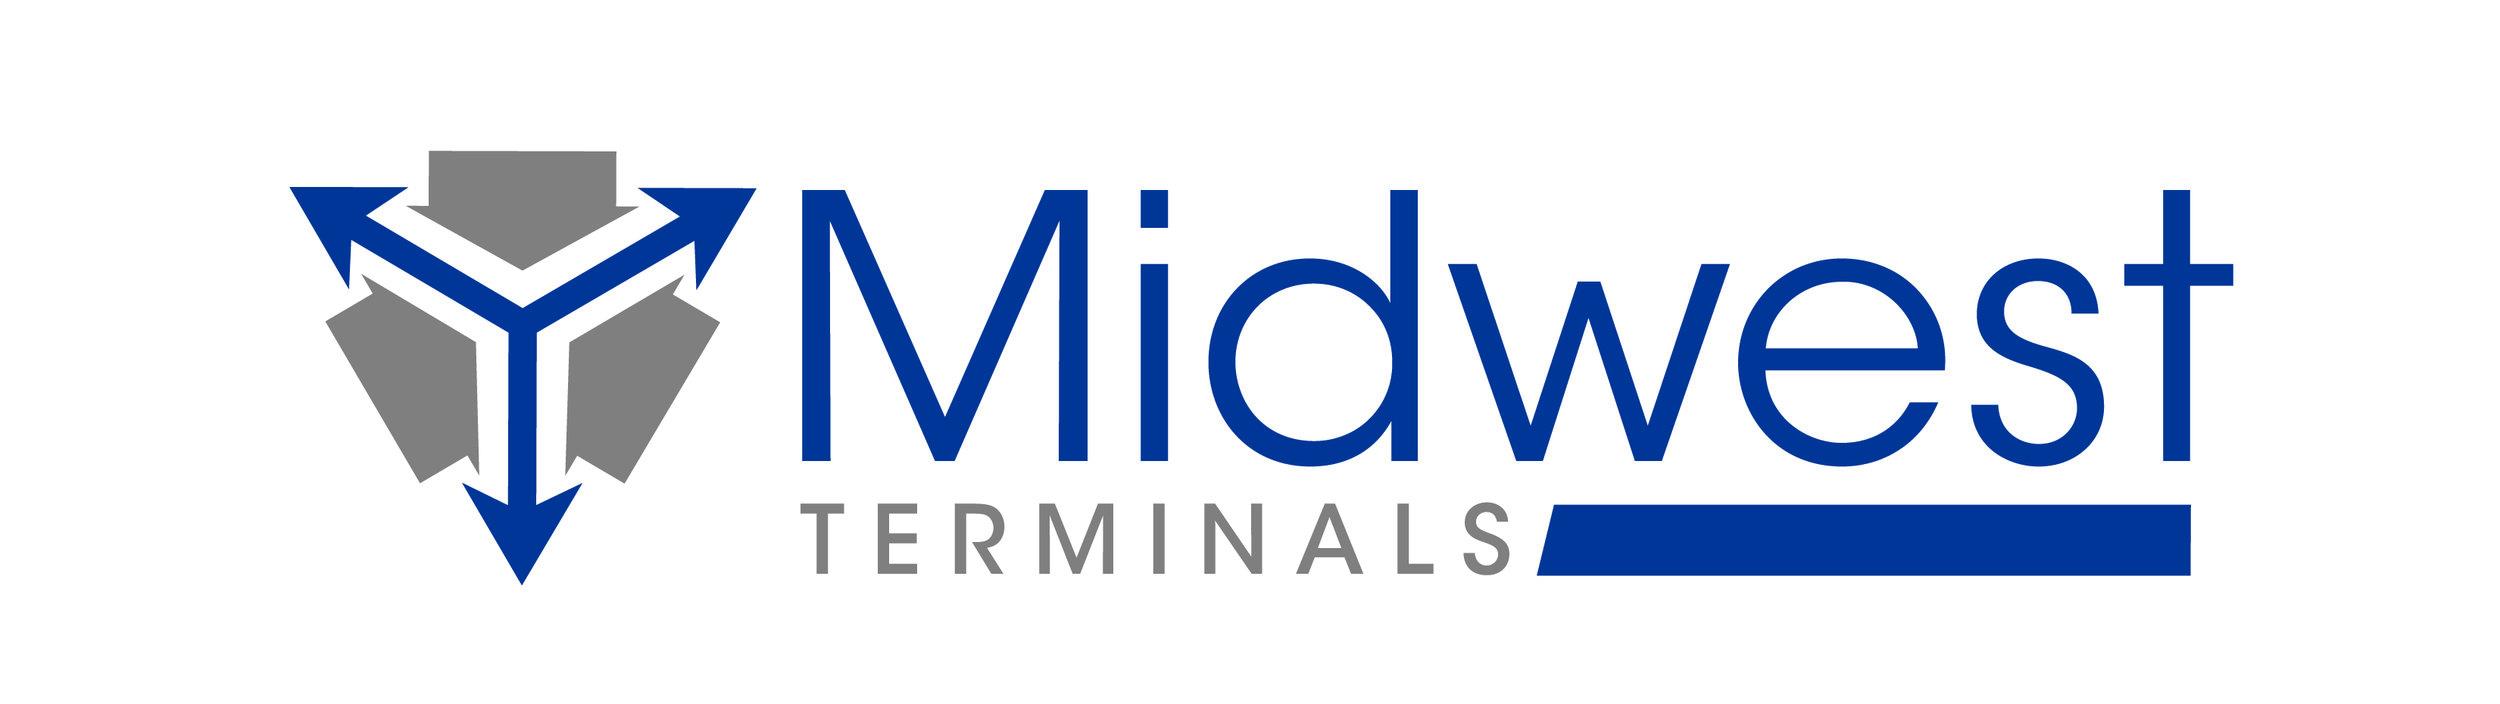 MIDWEST_CMYK-01.jpg